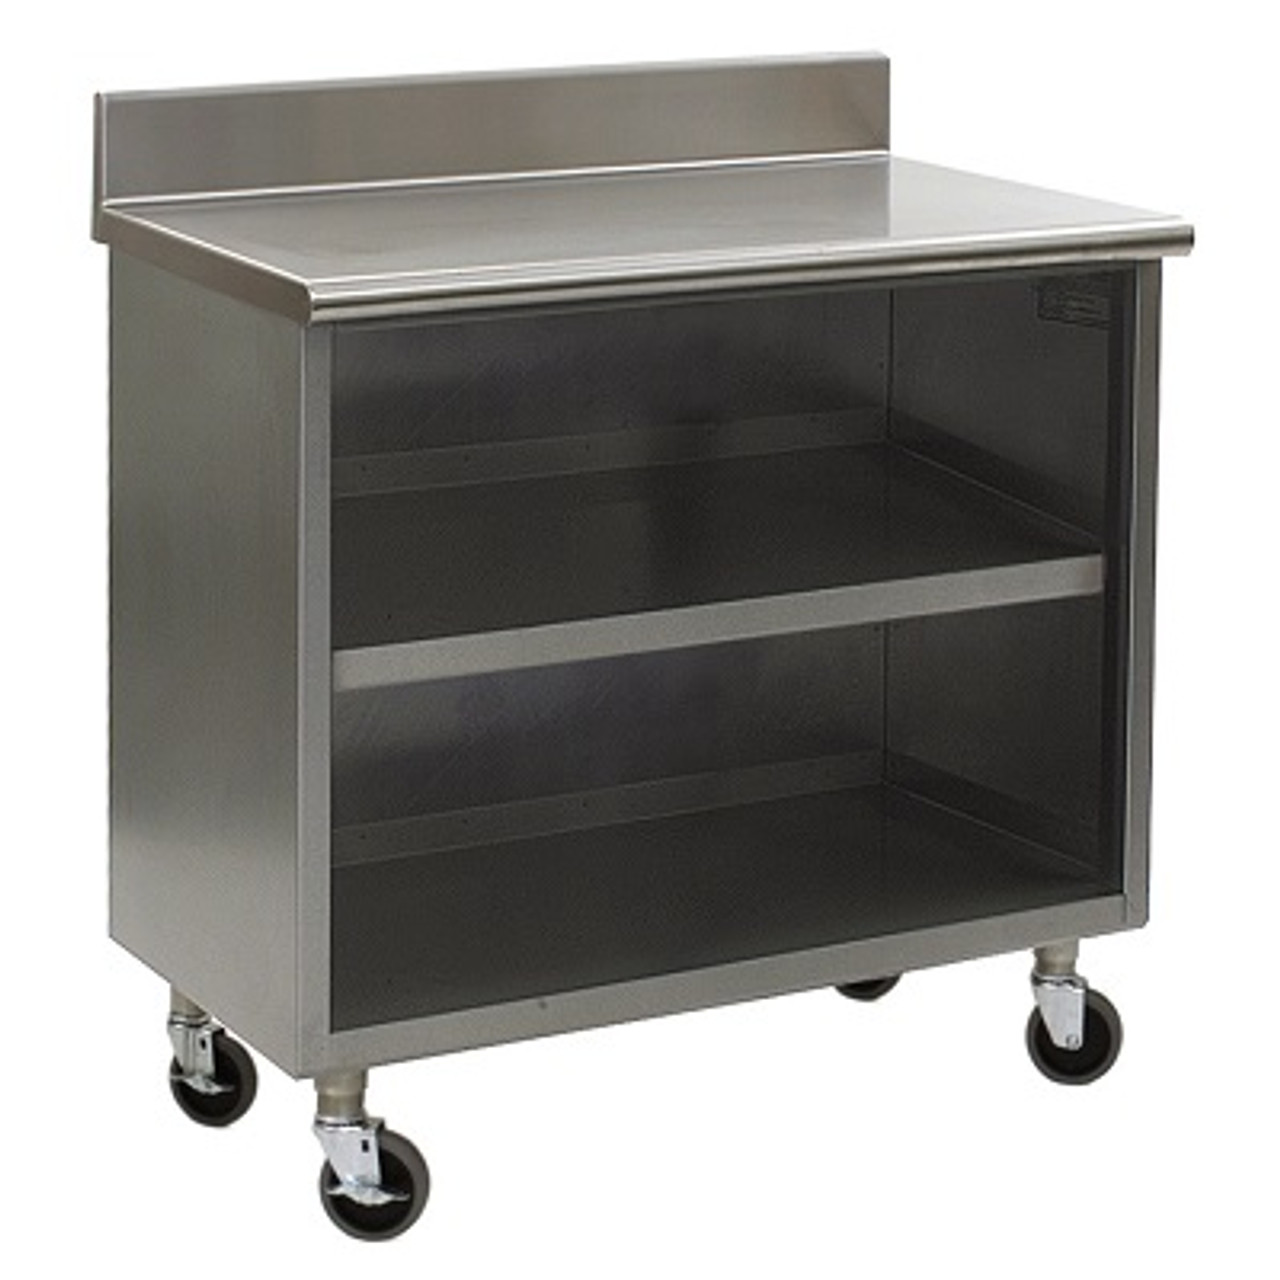 - Stainless Steel Lab Cabinets; Backsplash, Wheels, Open Base W